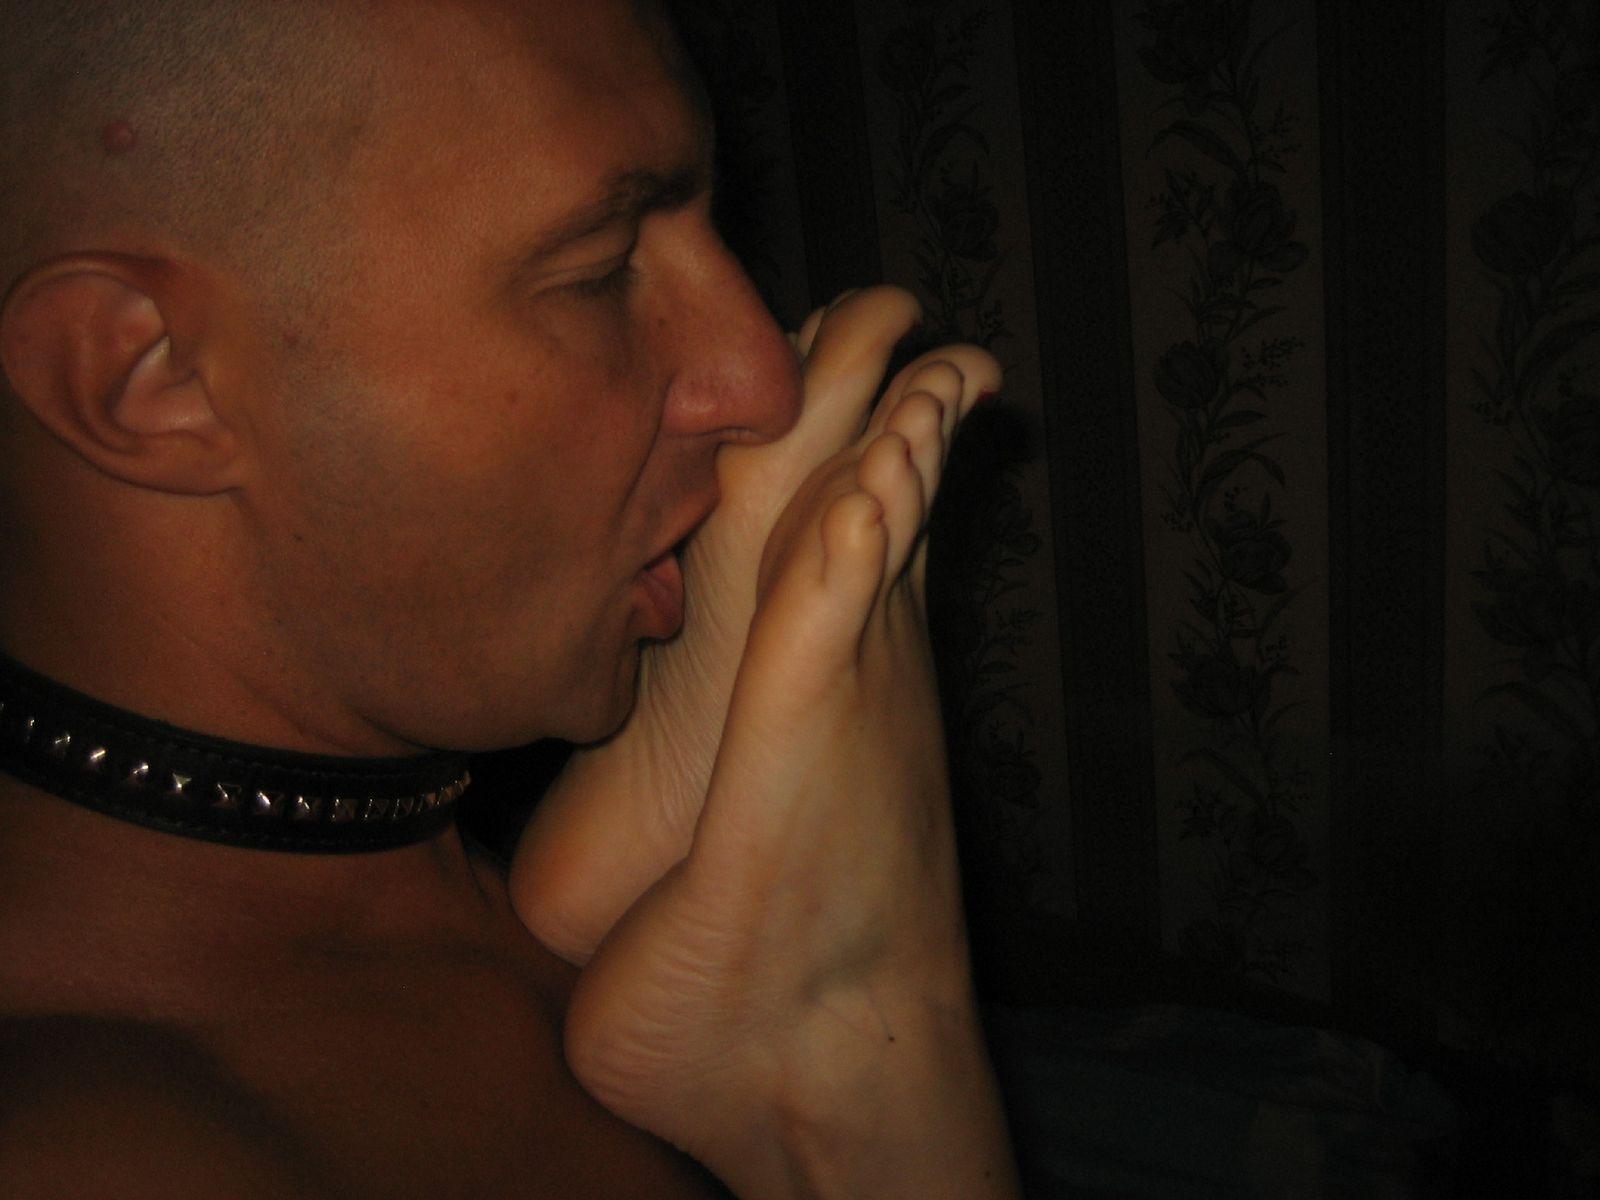 Самец с ошейником вылизывает стопы своей любовницы и ему доставляет огромное удовлетворение